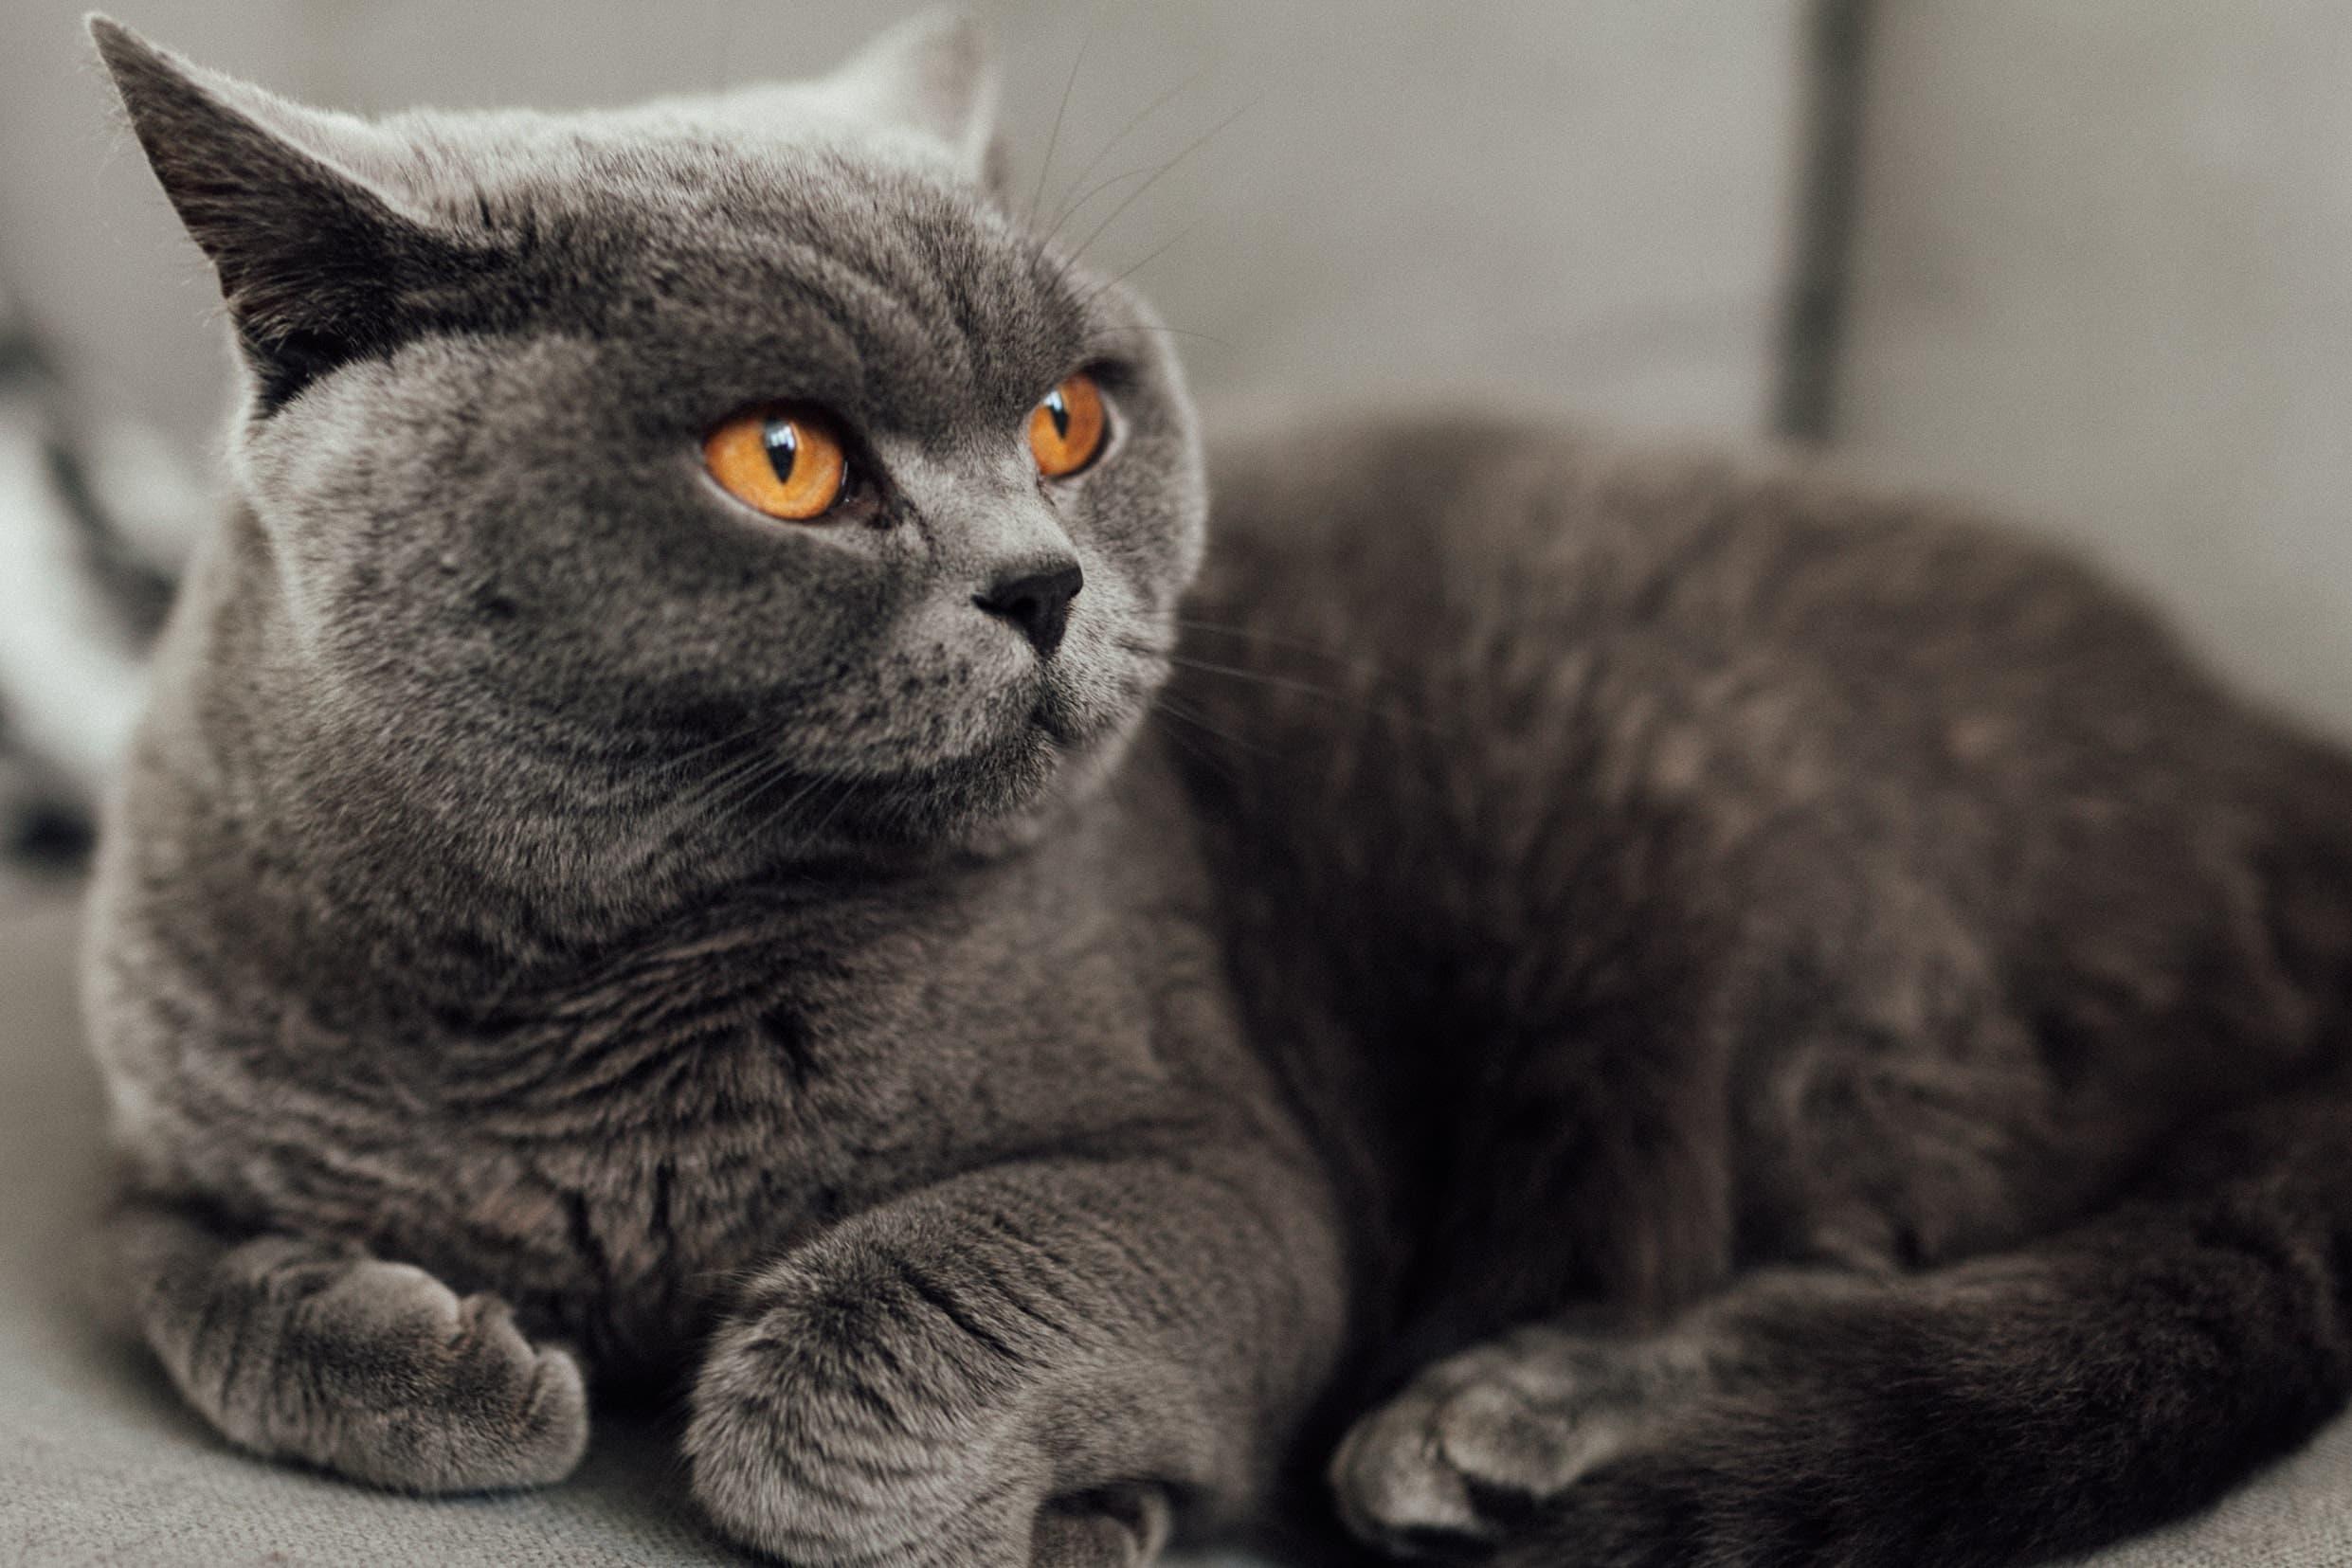 A British Shorthair Cat. (Unsplash, Josh Couch)